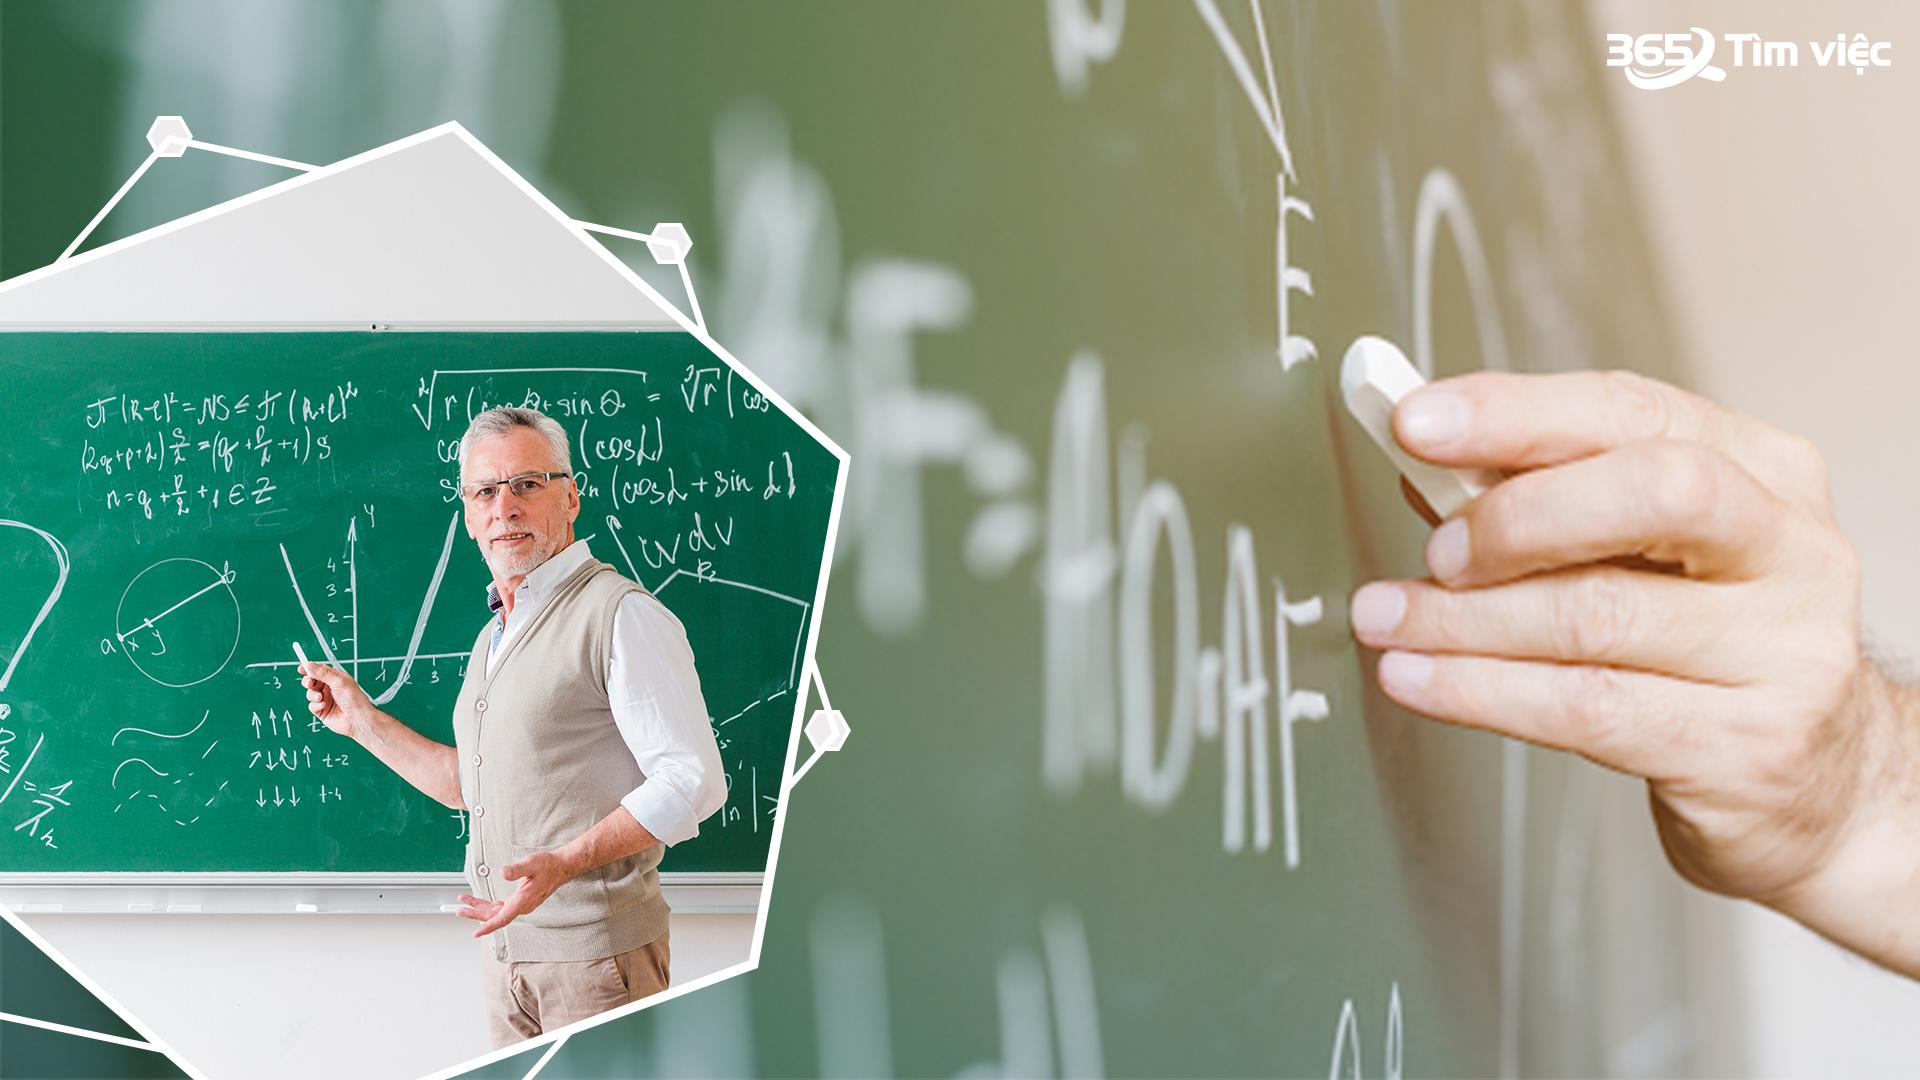 Trọn bộ những câu hỏi phỏng vấn giáo viên THPT thường gặp nhất